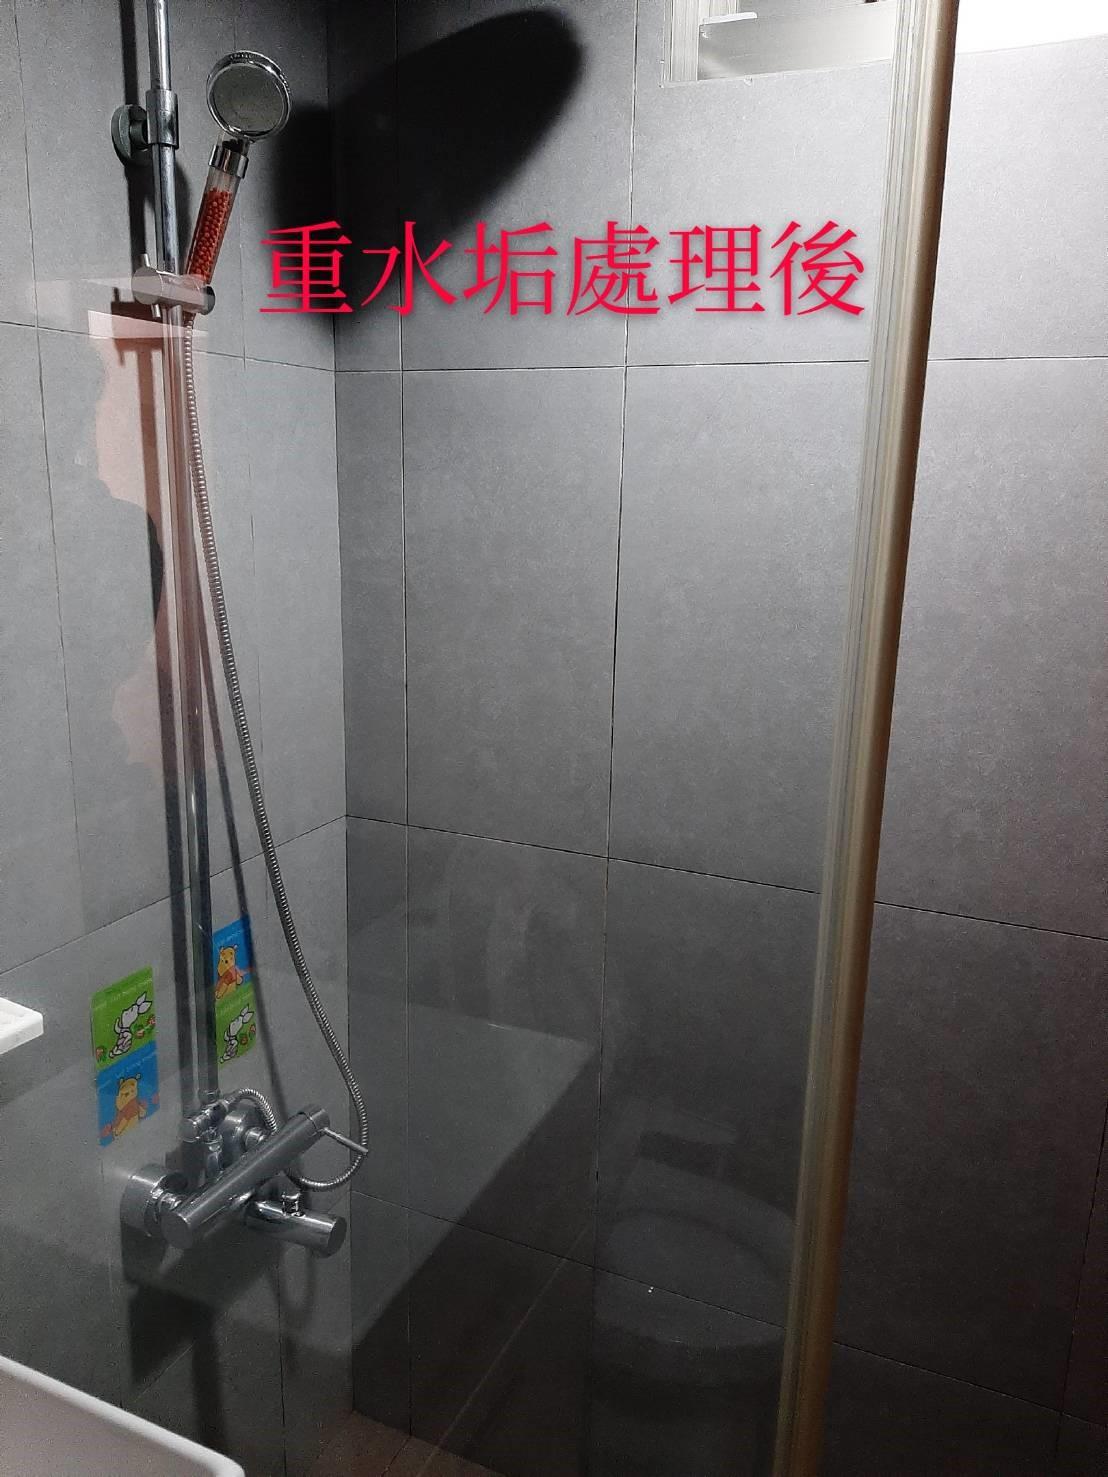 居家清潔圖對比_200326_0002_0